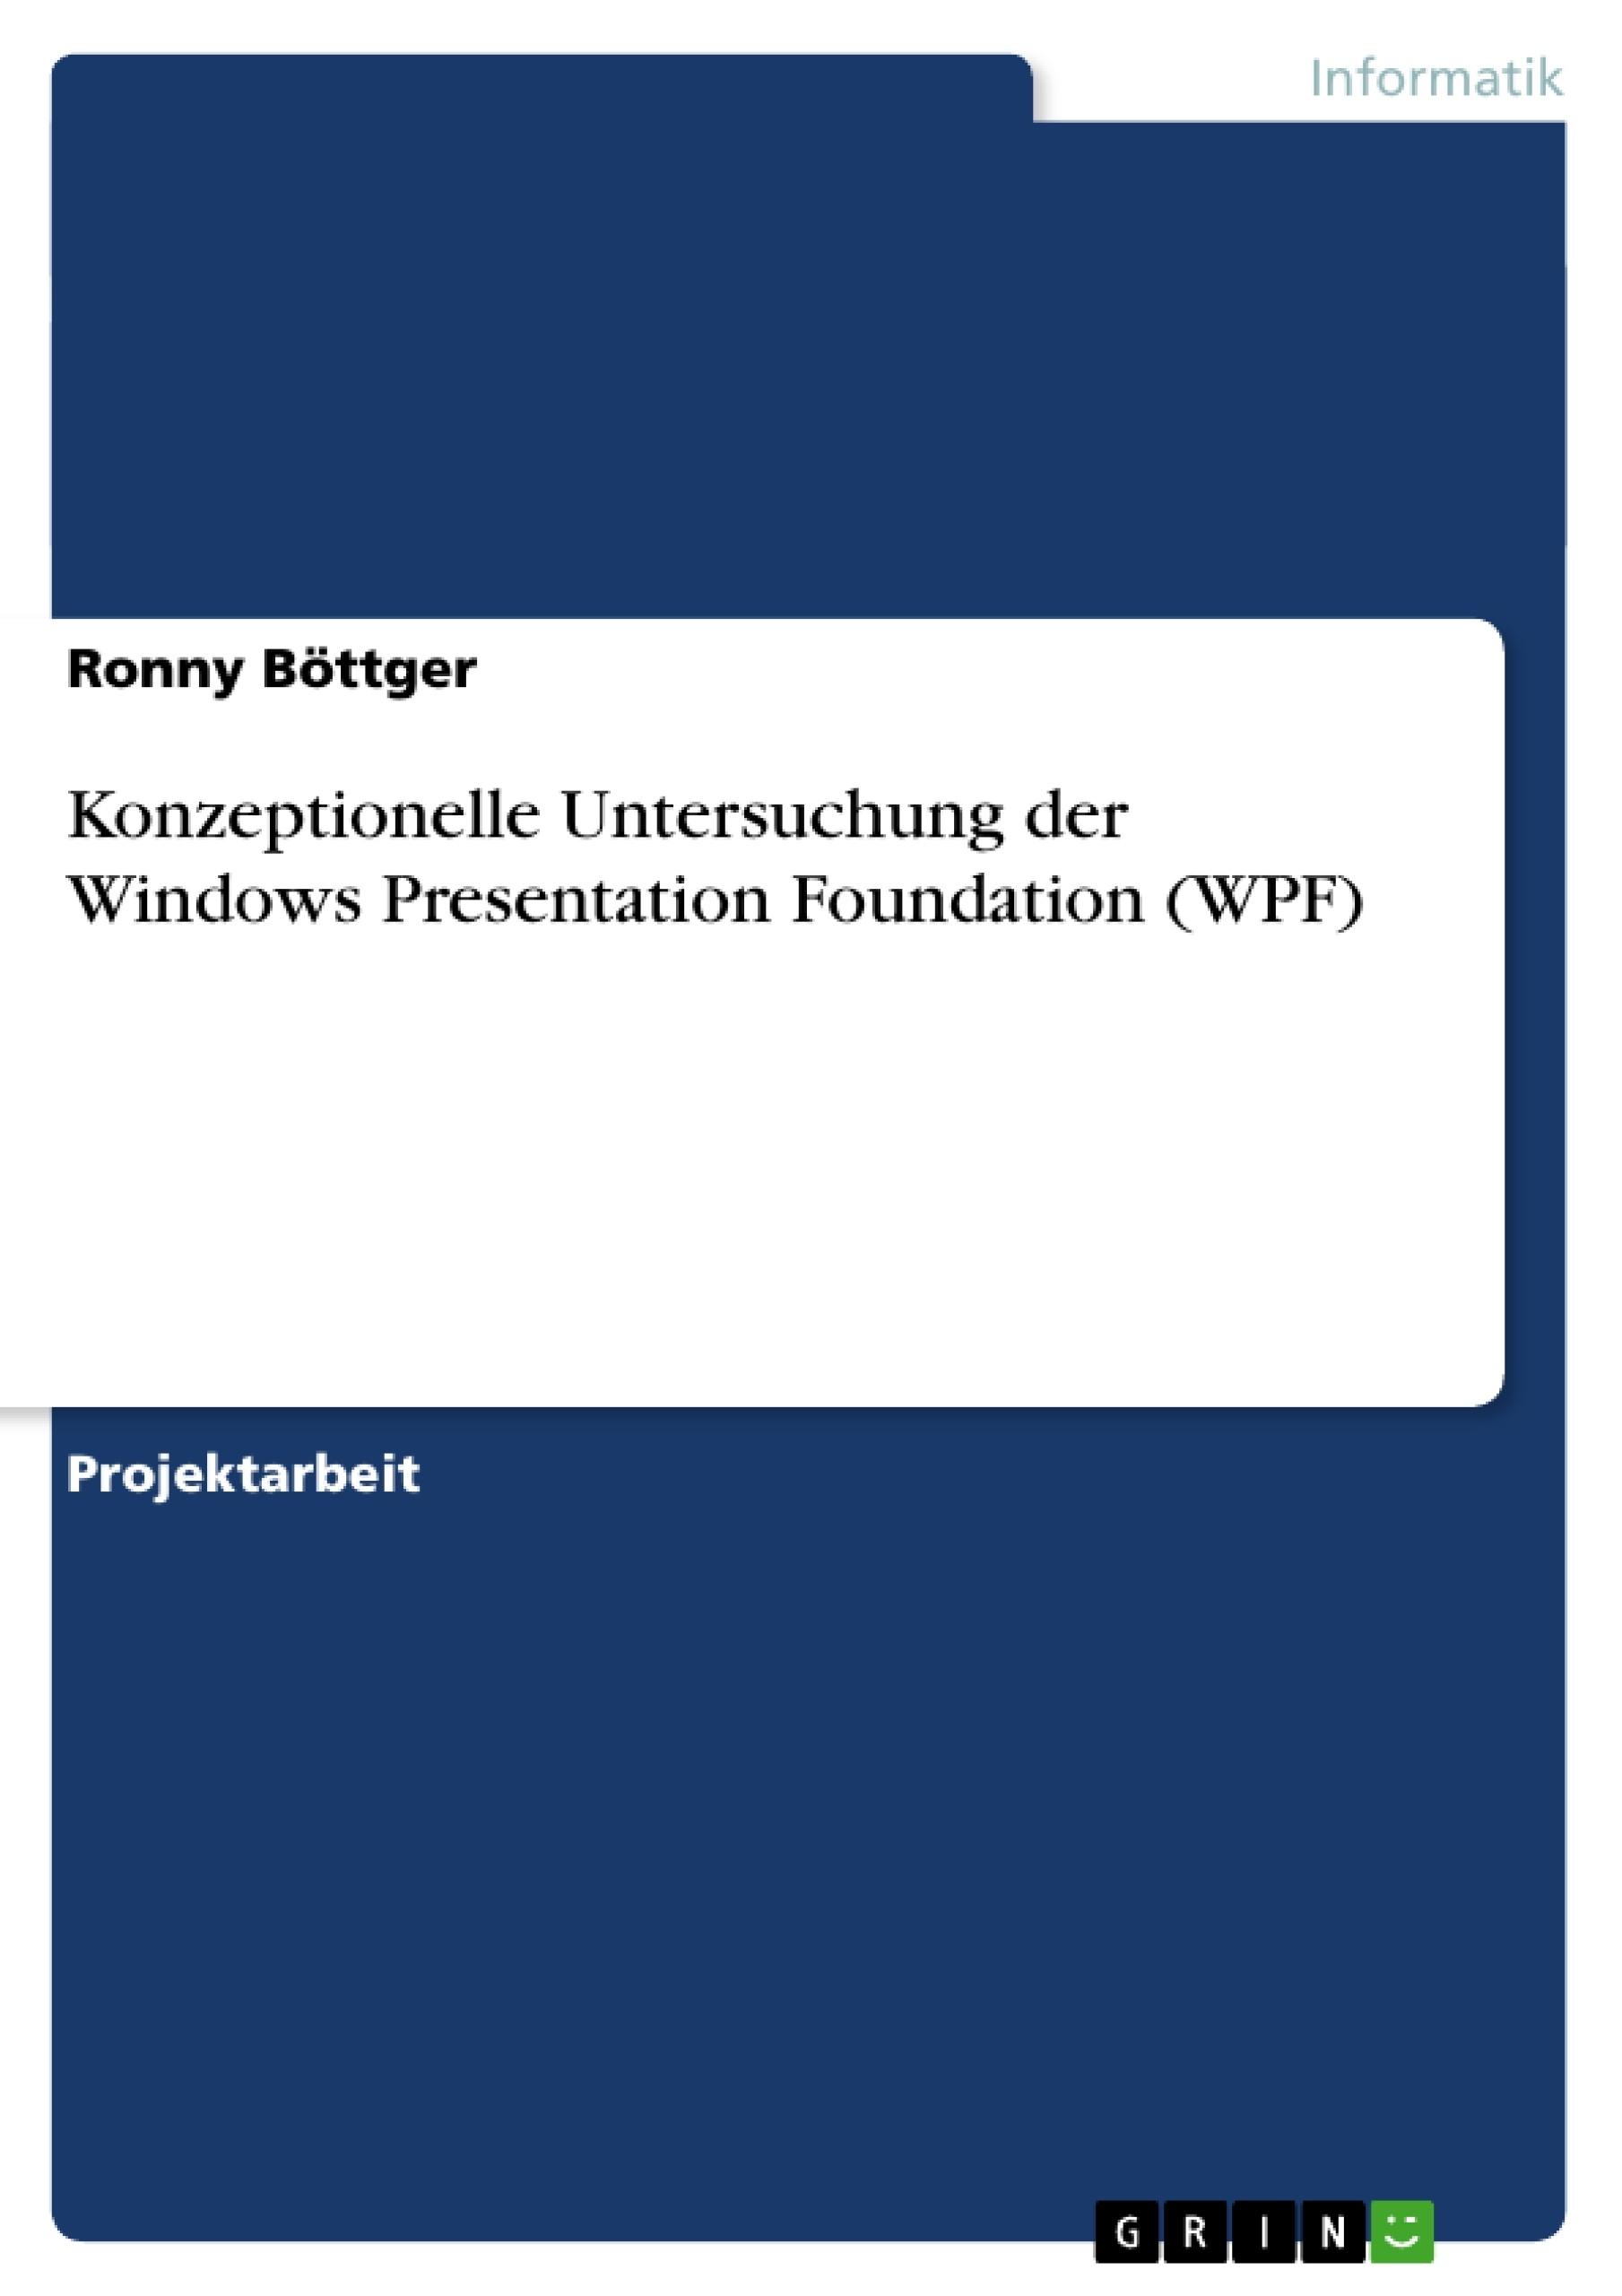 Konzeptionelle Untersuchung der Windows Presentation Foundation (WPF ...